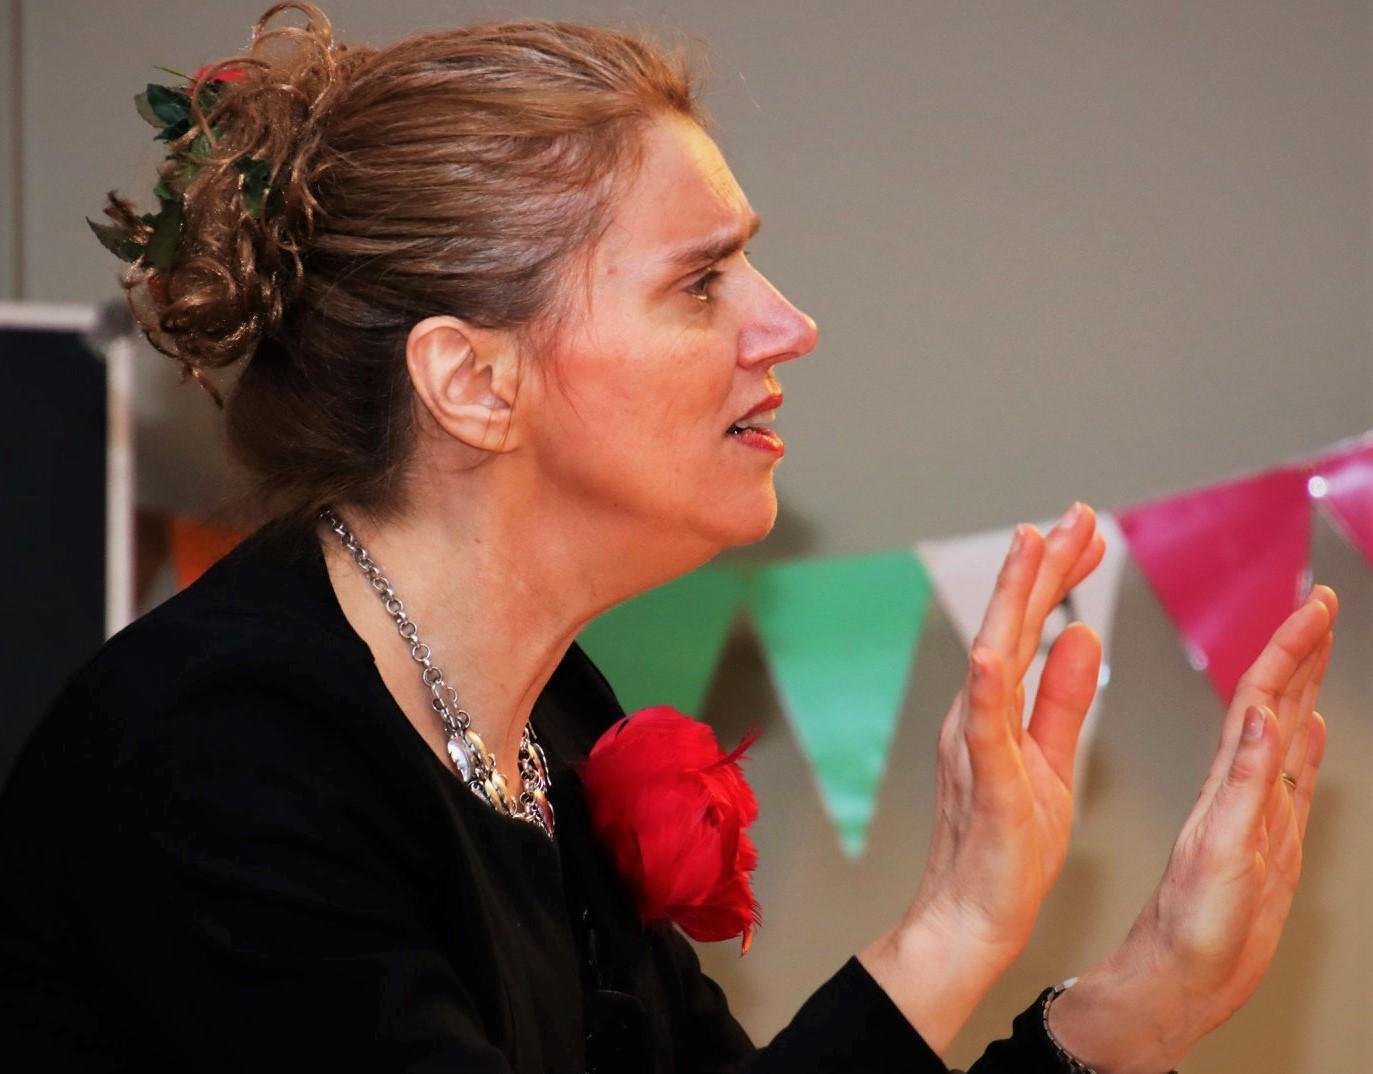 Dirigente uit Schellinkhout ging door met corona: 'Ik moest na een repetitie van veertig minuten wel twee uur bijkomen'